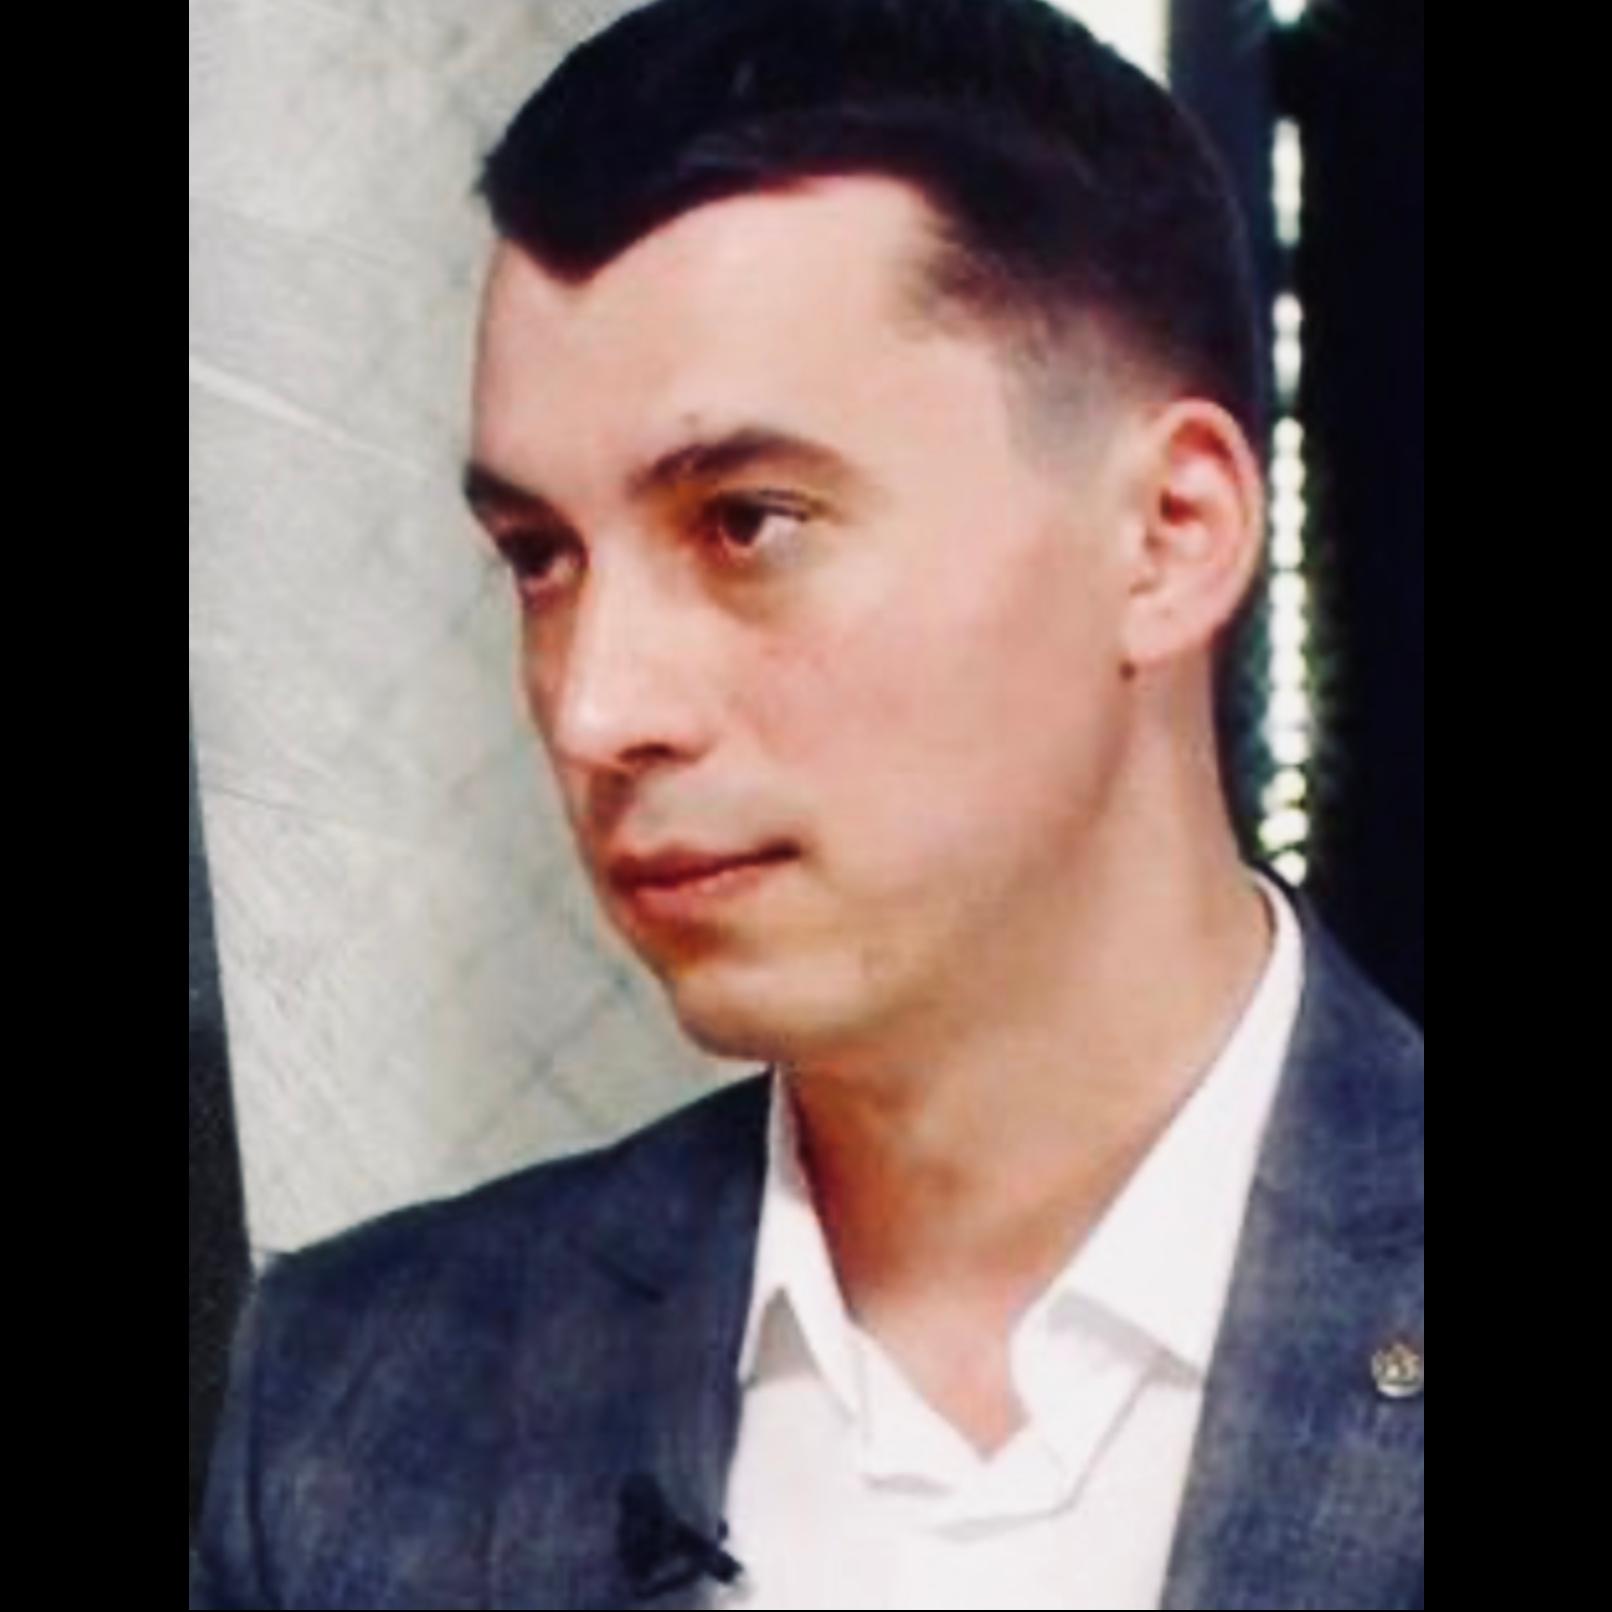 COMUNICAT cu privire la situația judecătorului Mihai MURGULEȚ